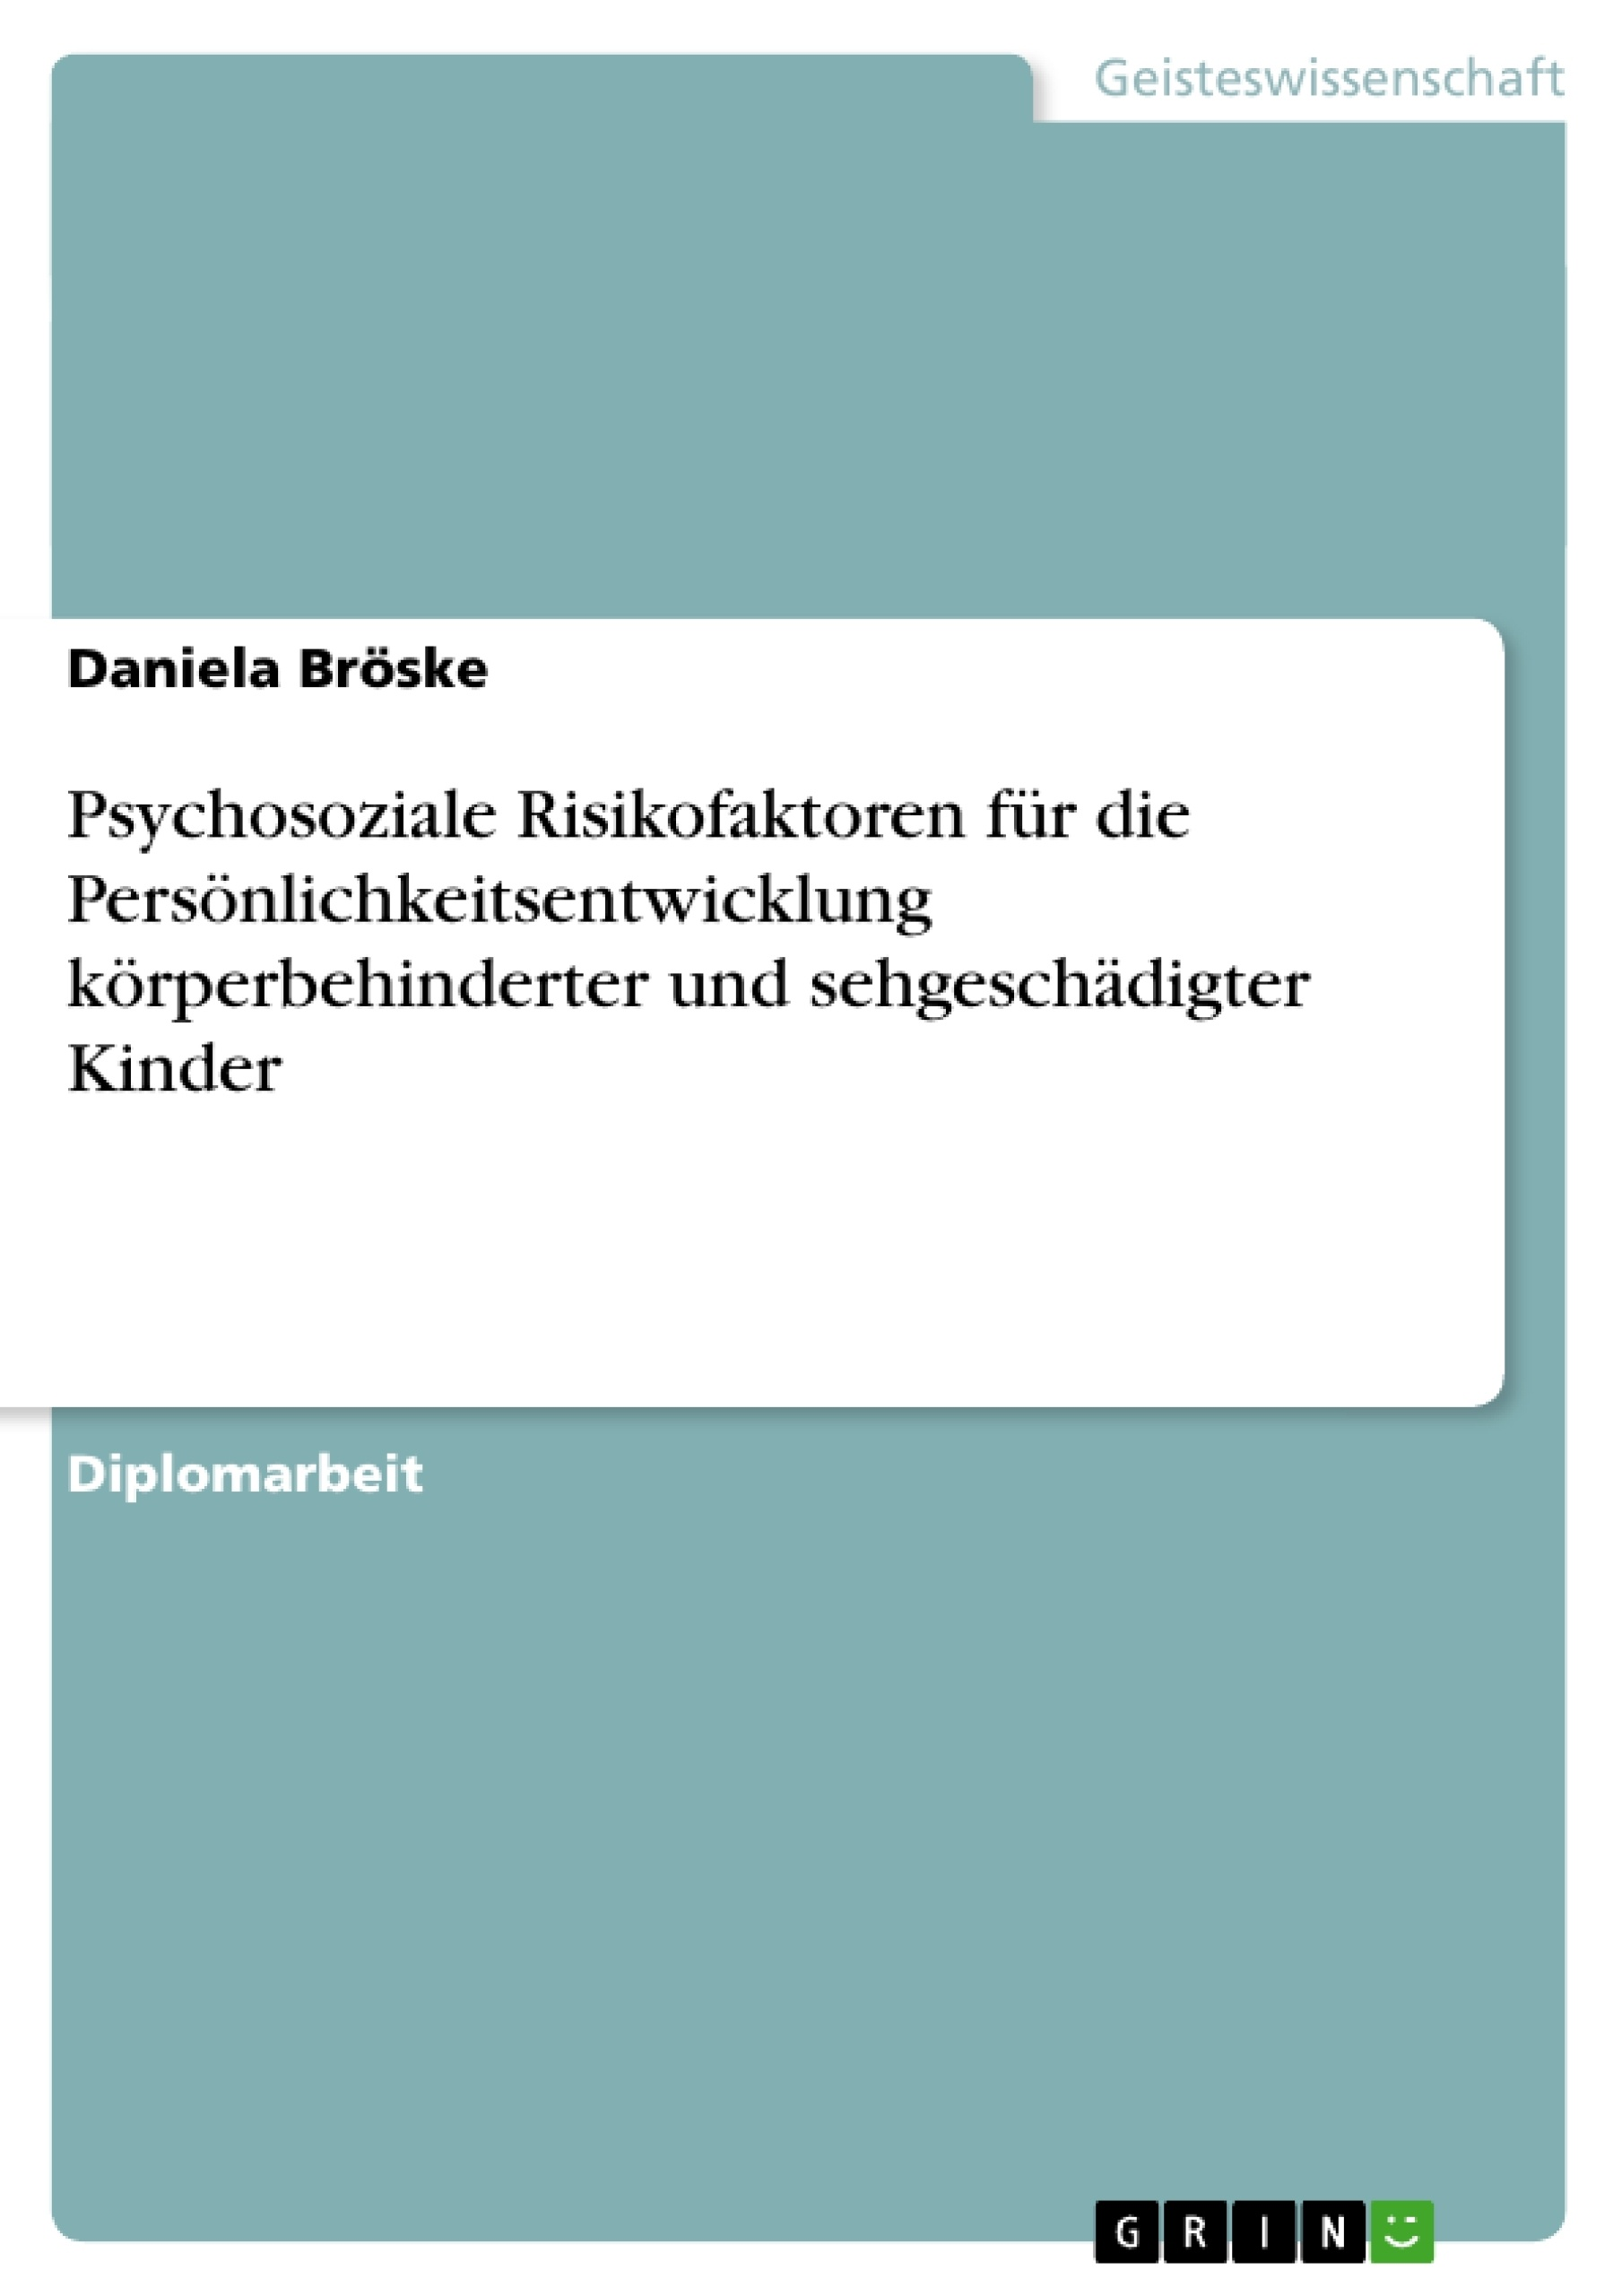 Titel: Psychosoziale Risikofaktoren für die Persönlichkeitsentwicklung körperbehinderter und sehgeschädigter Kinder